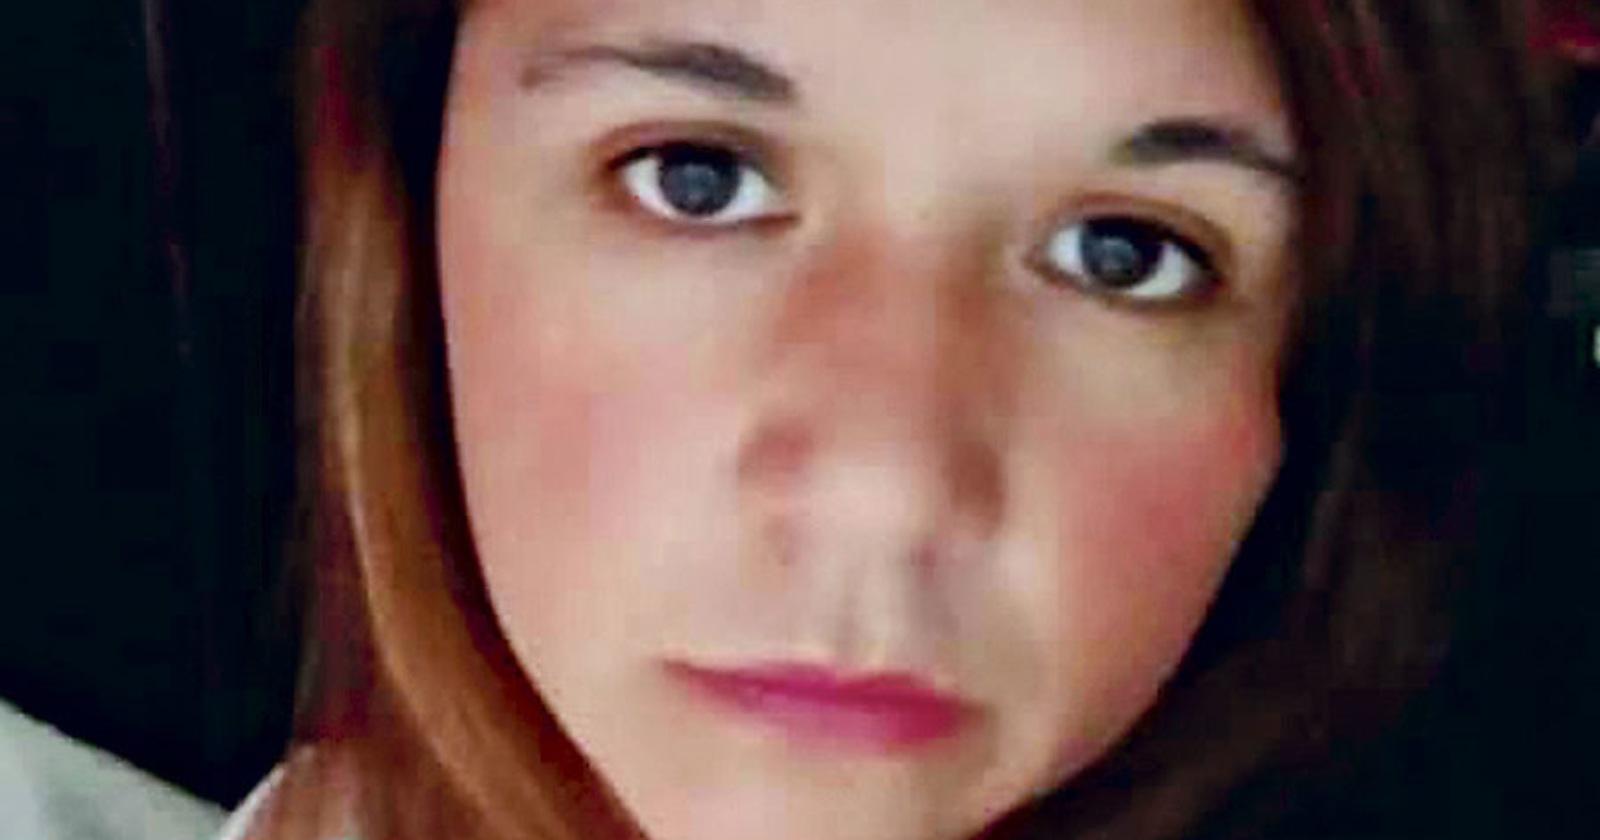 ¿Qué pasó con Claudia Agüero? La desaparición que tiene en alerta a Puerto Montt